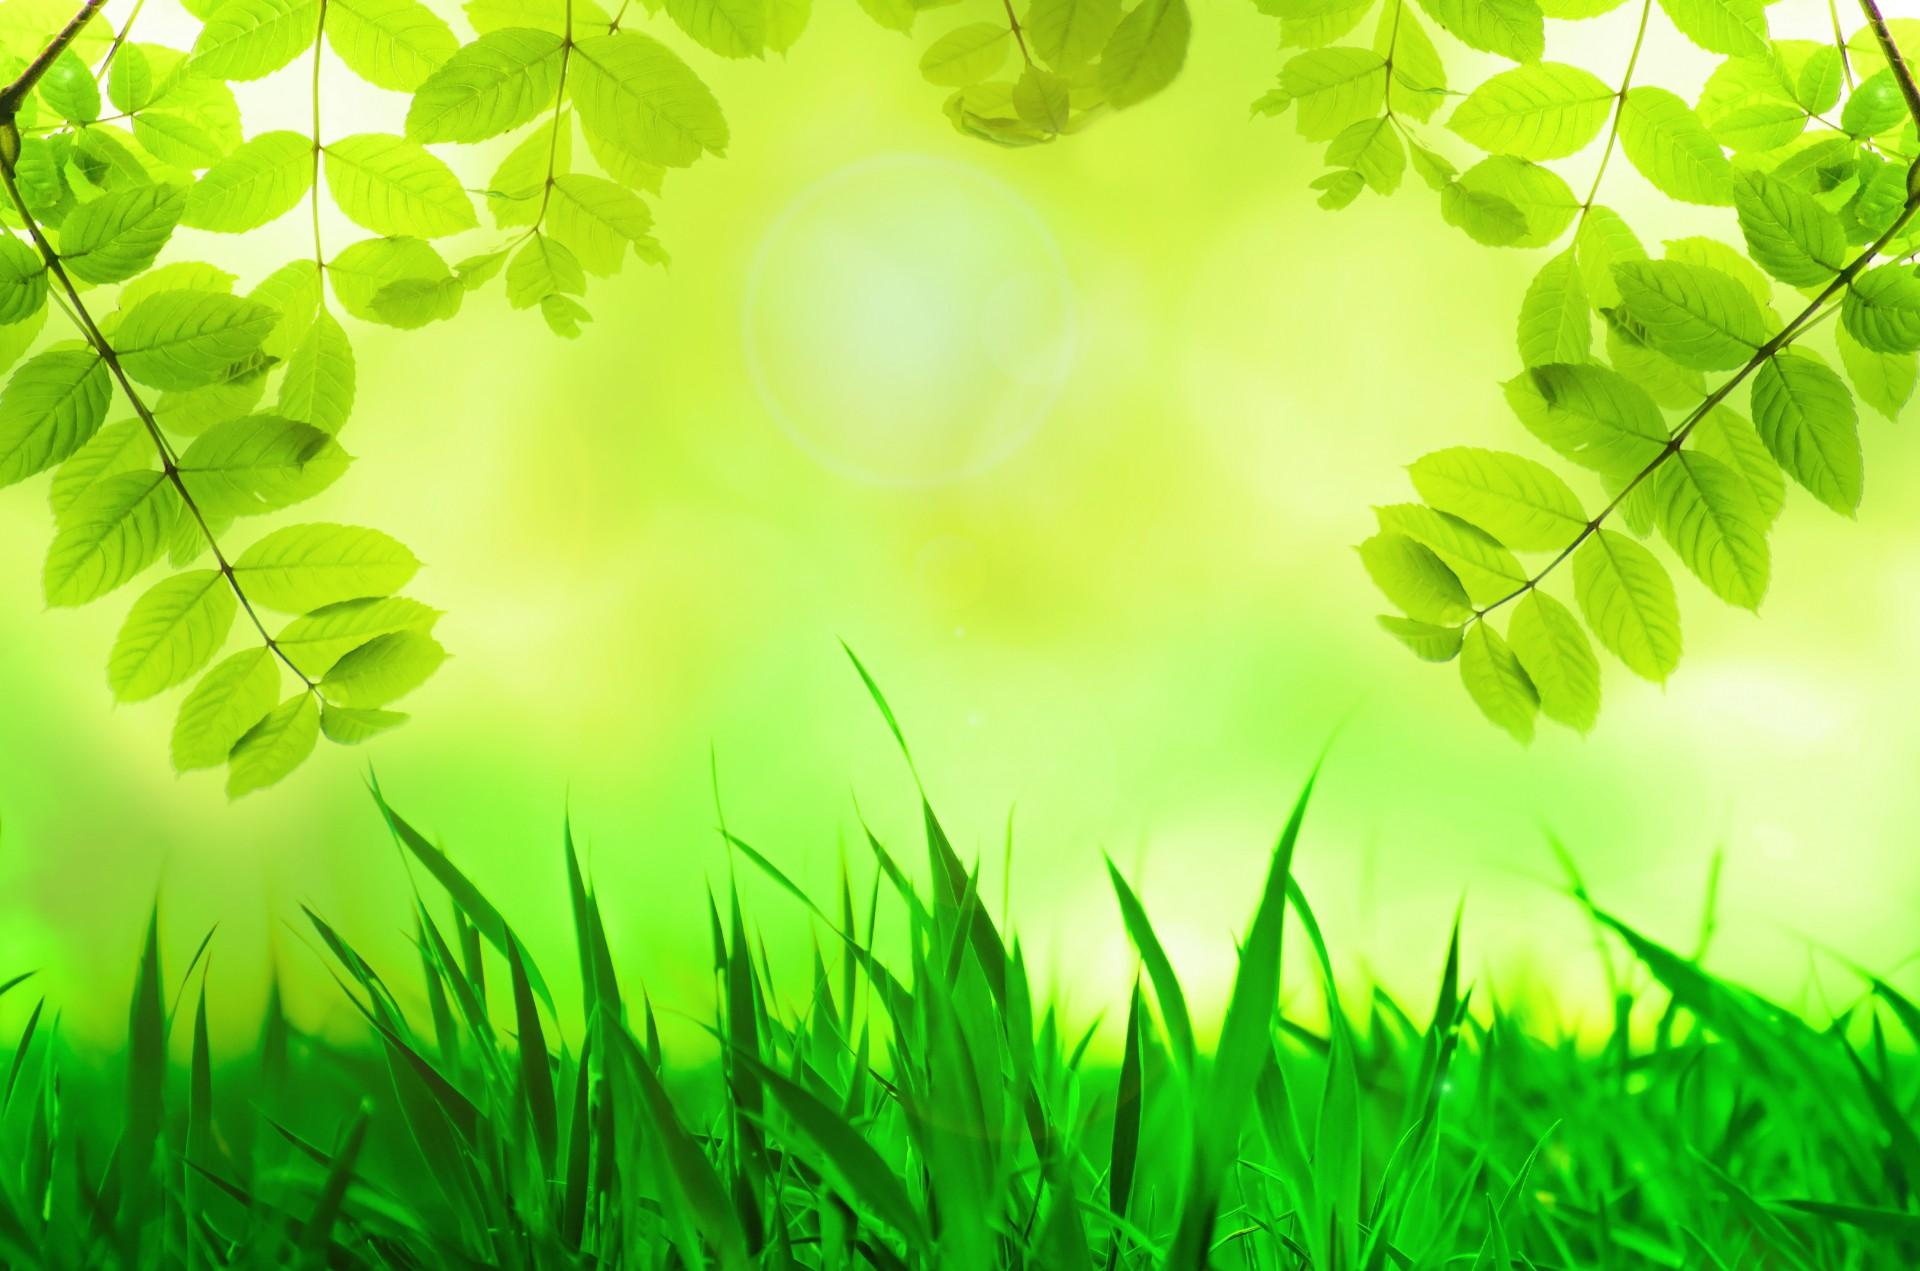 green grass background - HD1920×1271